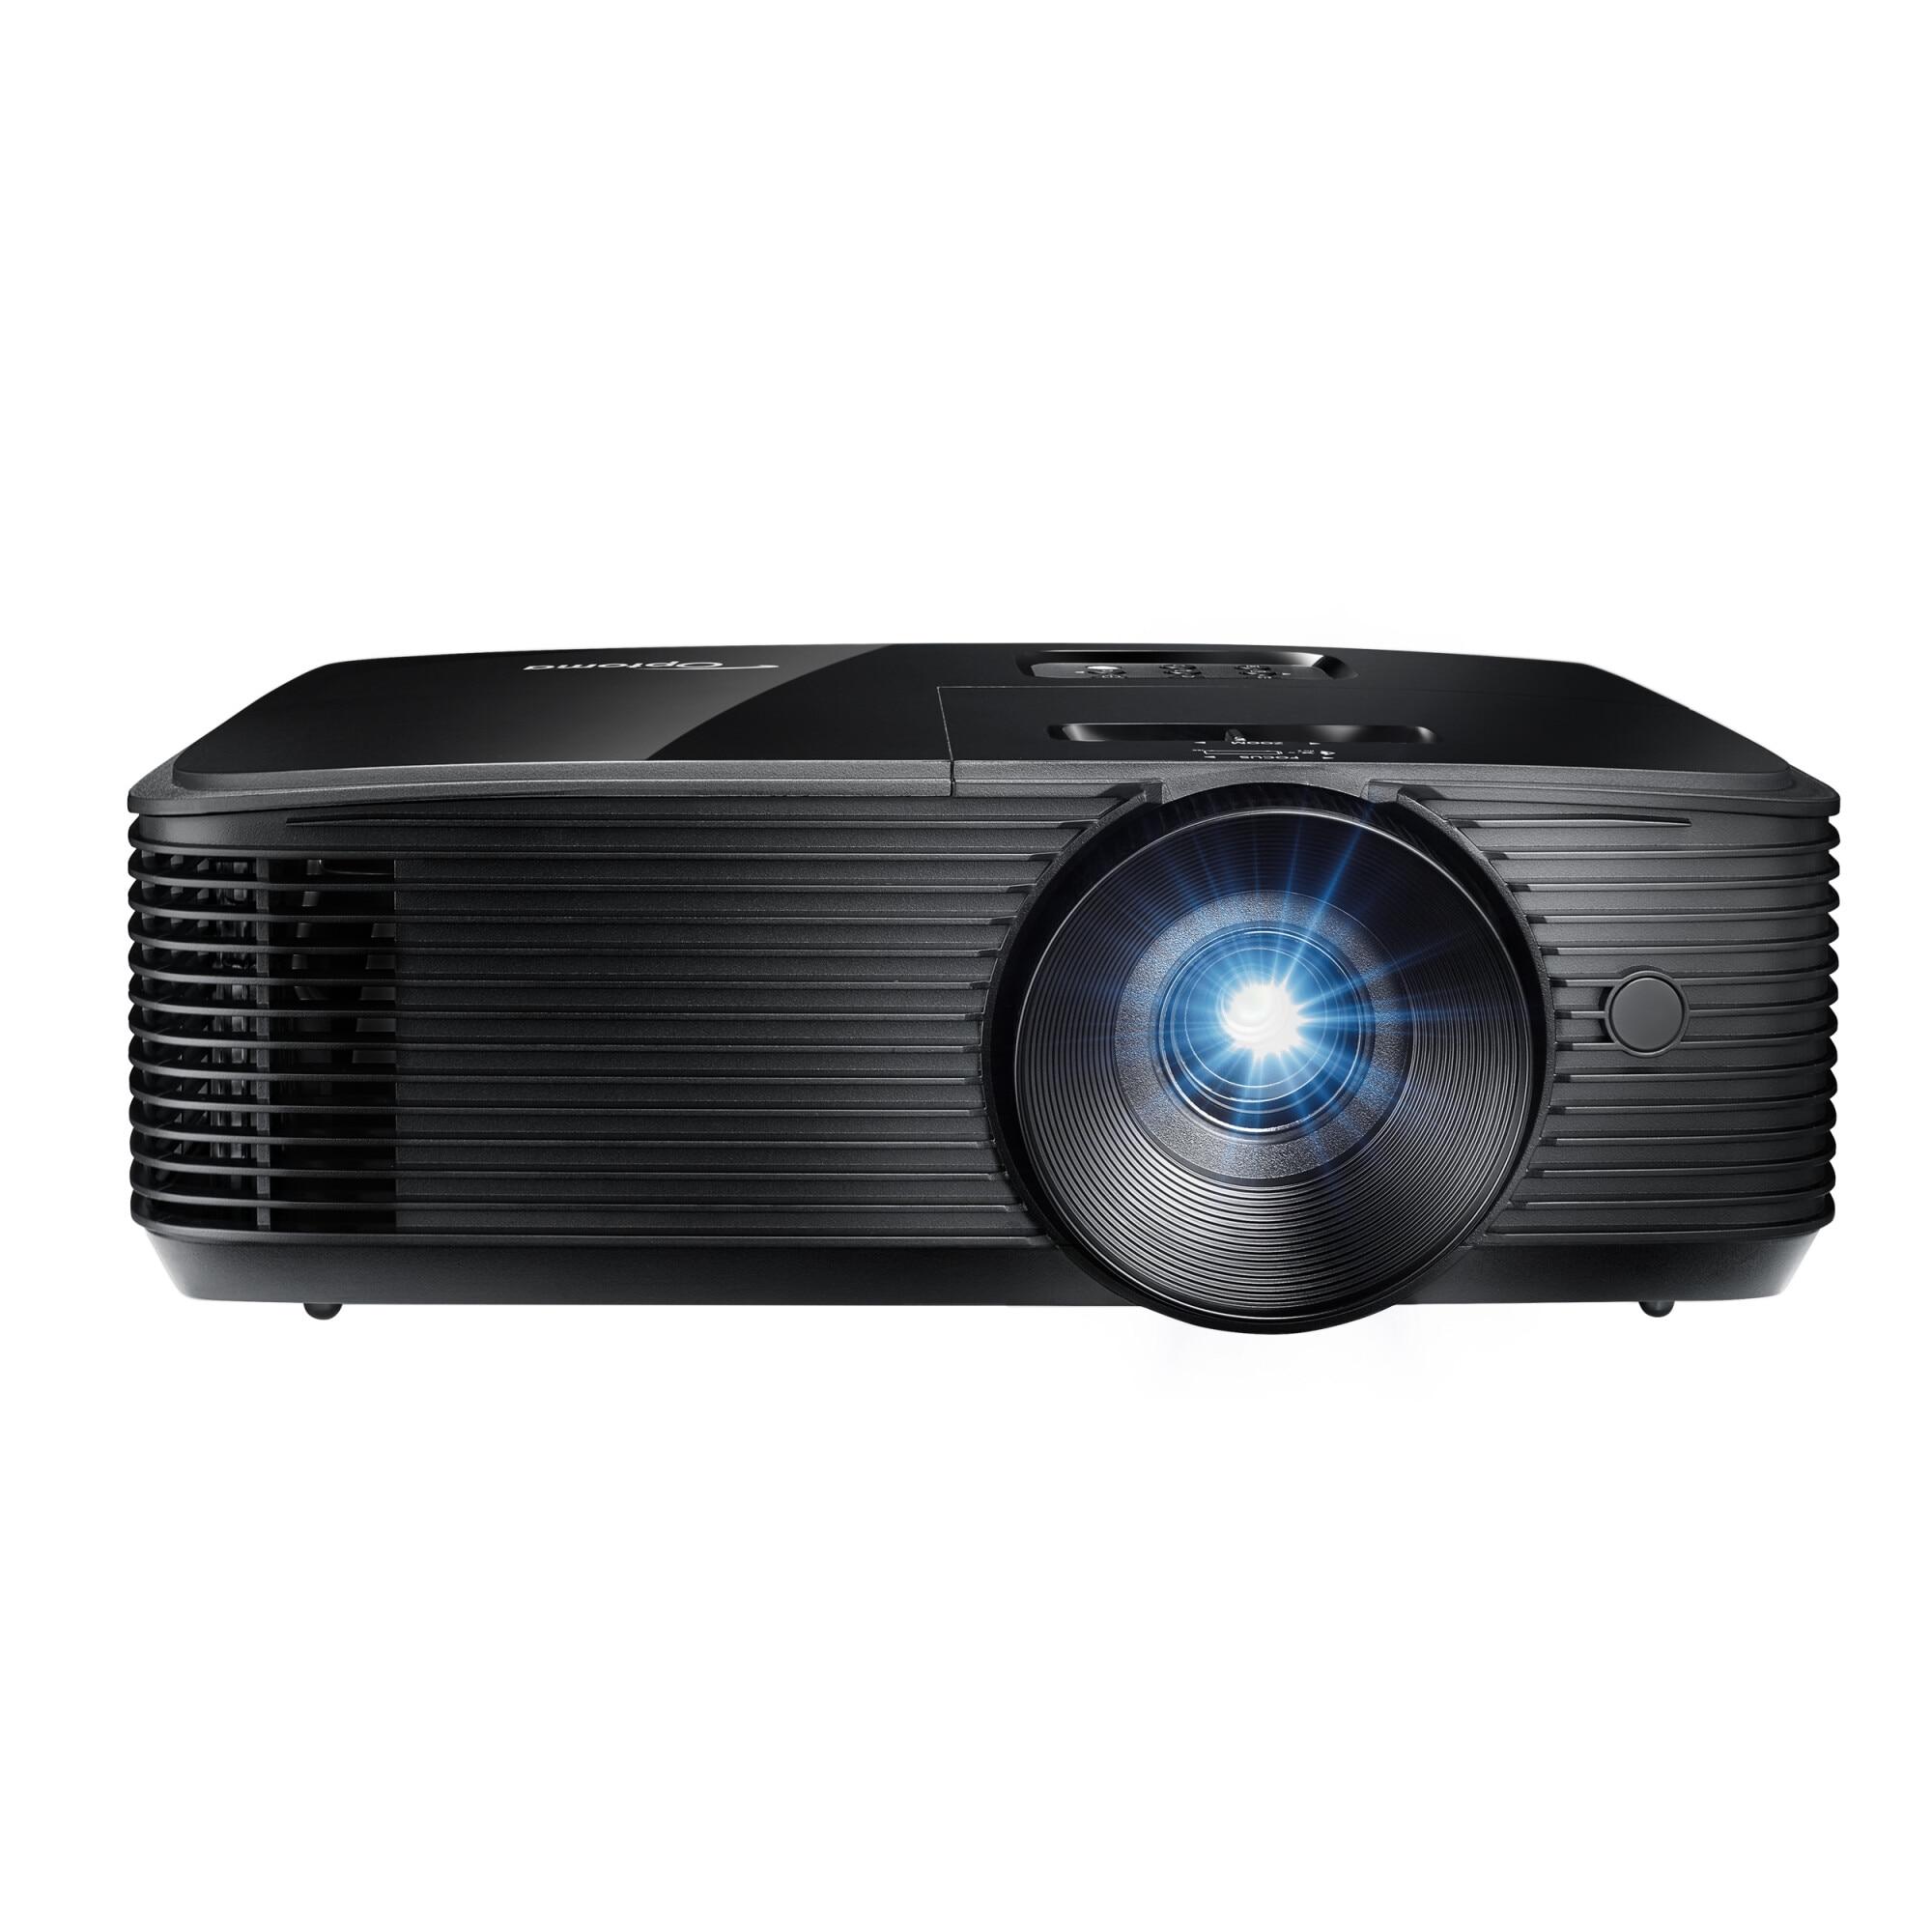 Fotografie Videoproiector OPTOMA HD146X, DLP, FHD 1920x1080, 3600 lumeni, 25.000:1, HDMI, negru